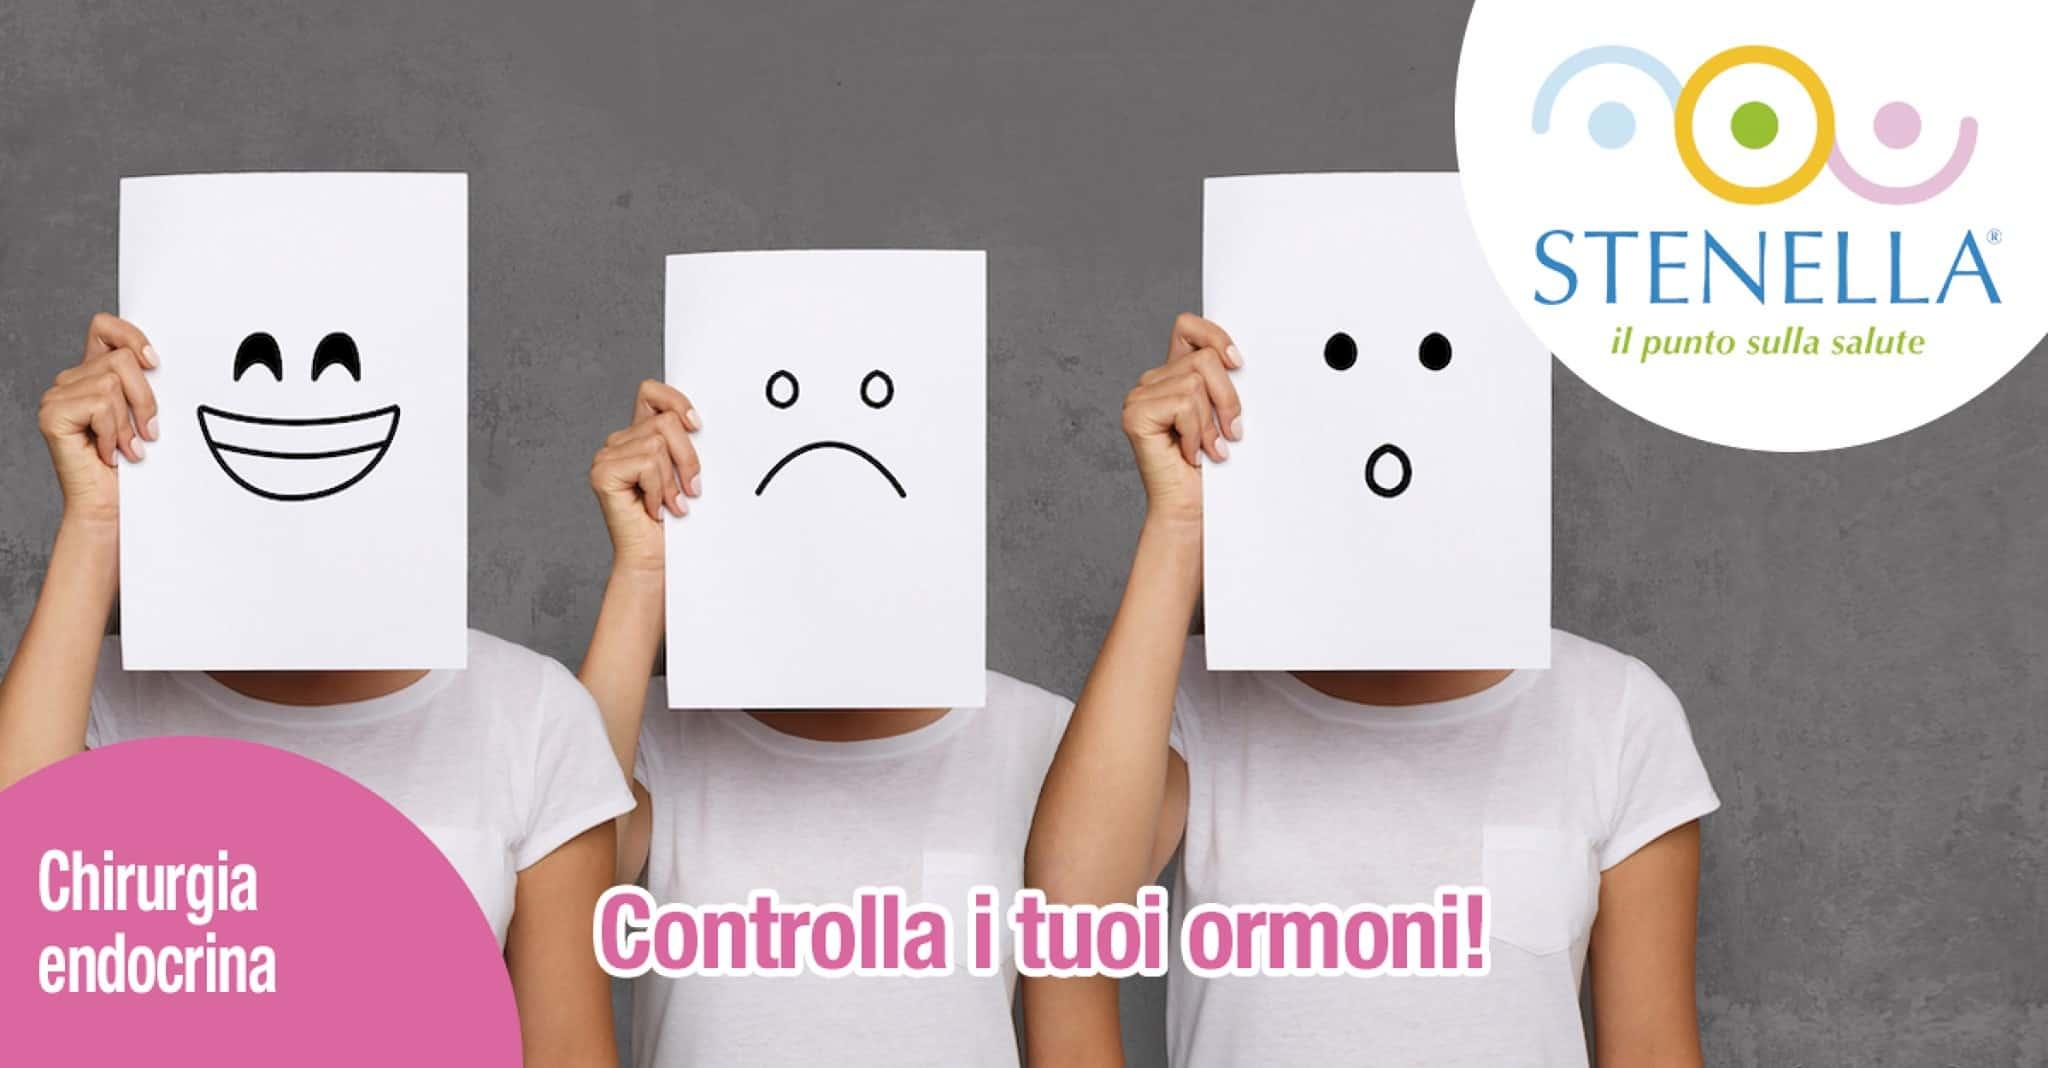 controlla i tuoi ormoni